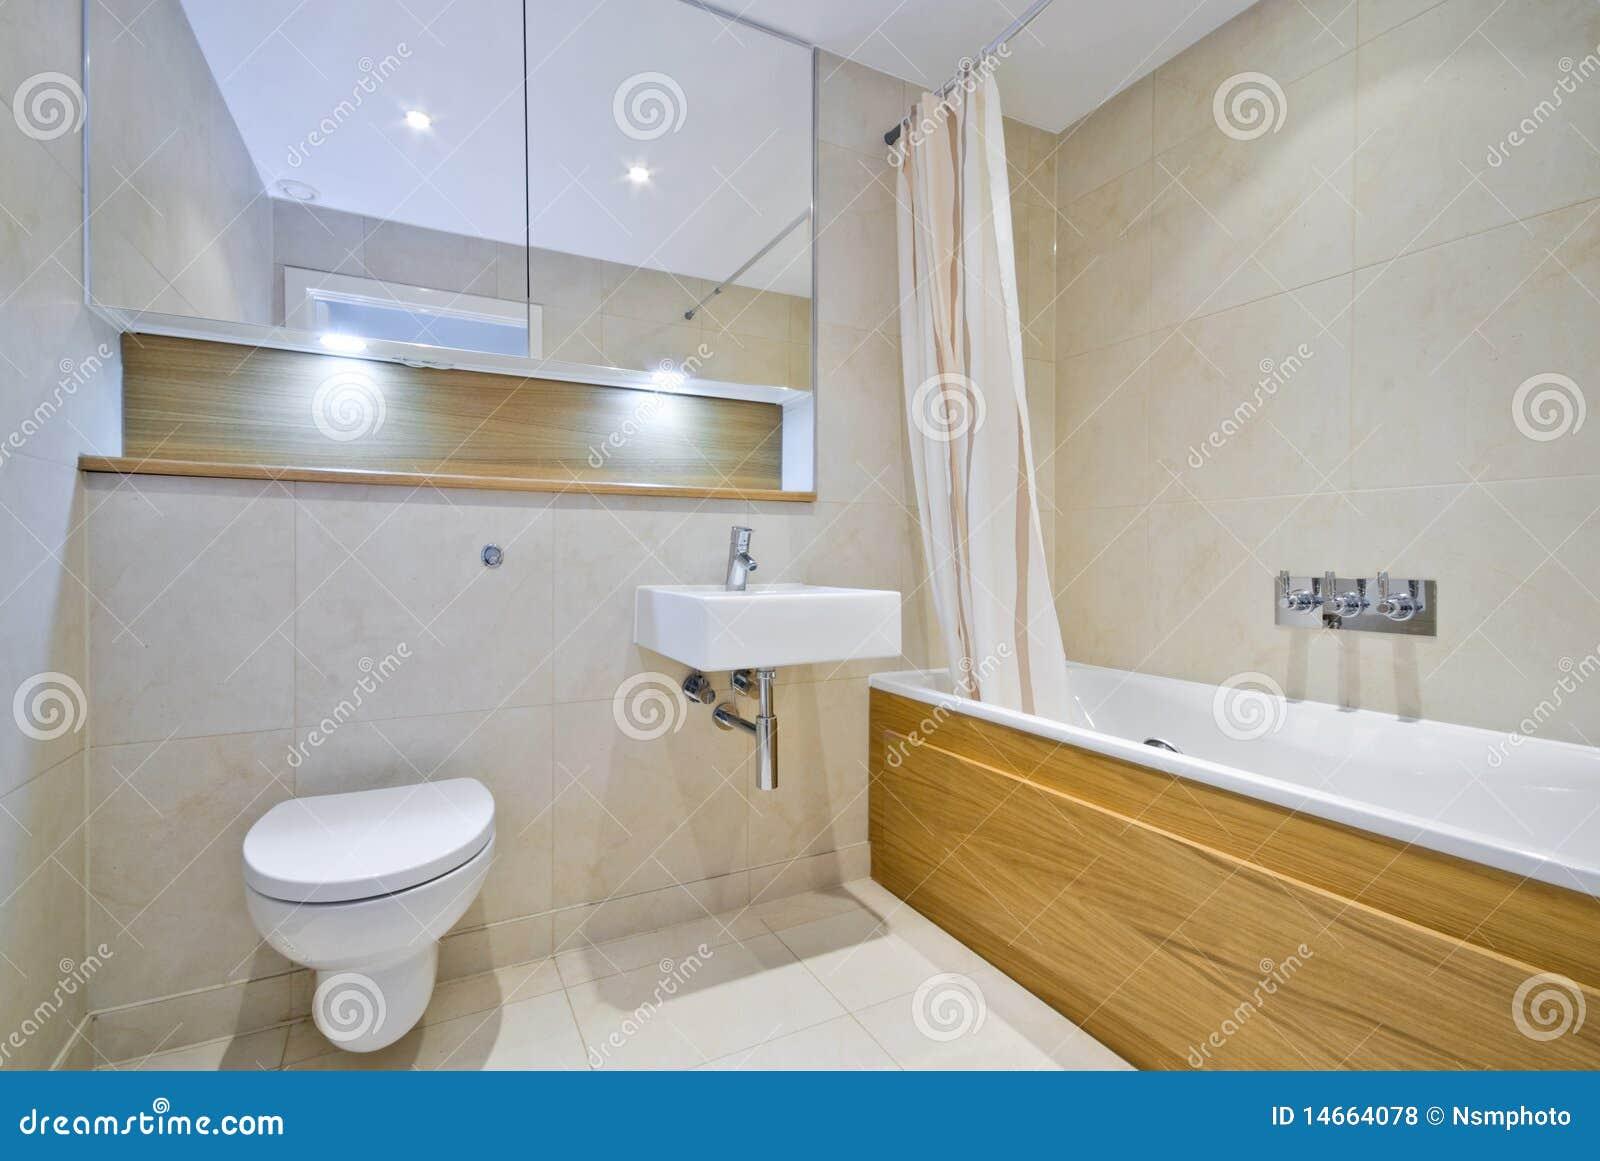 Banheiro Moderno Com A Grande Cuba De Banho No Bege Fotos de Stock Royalty Fr -> Cuba Banheiro Grande